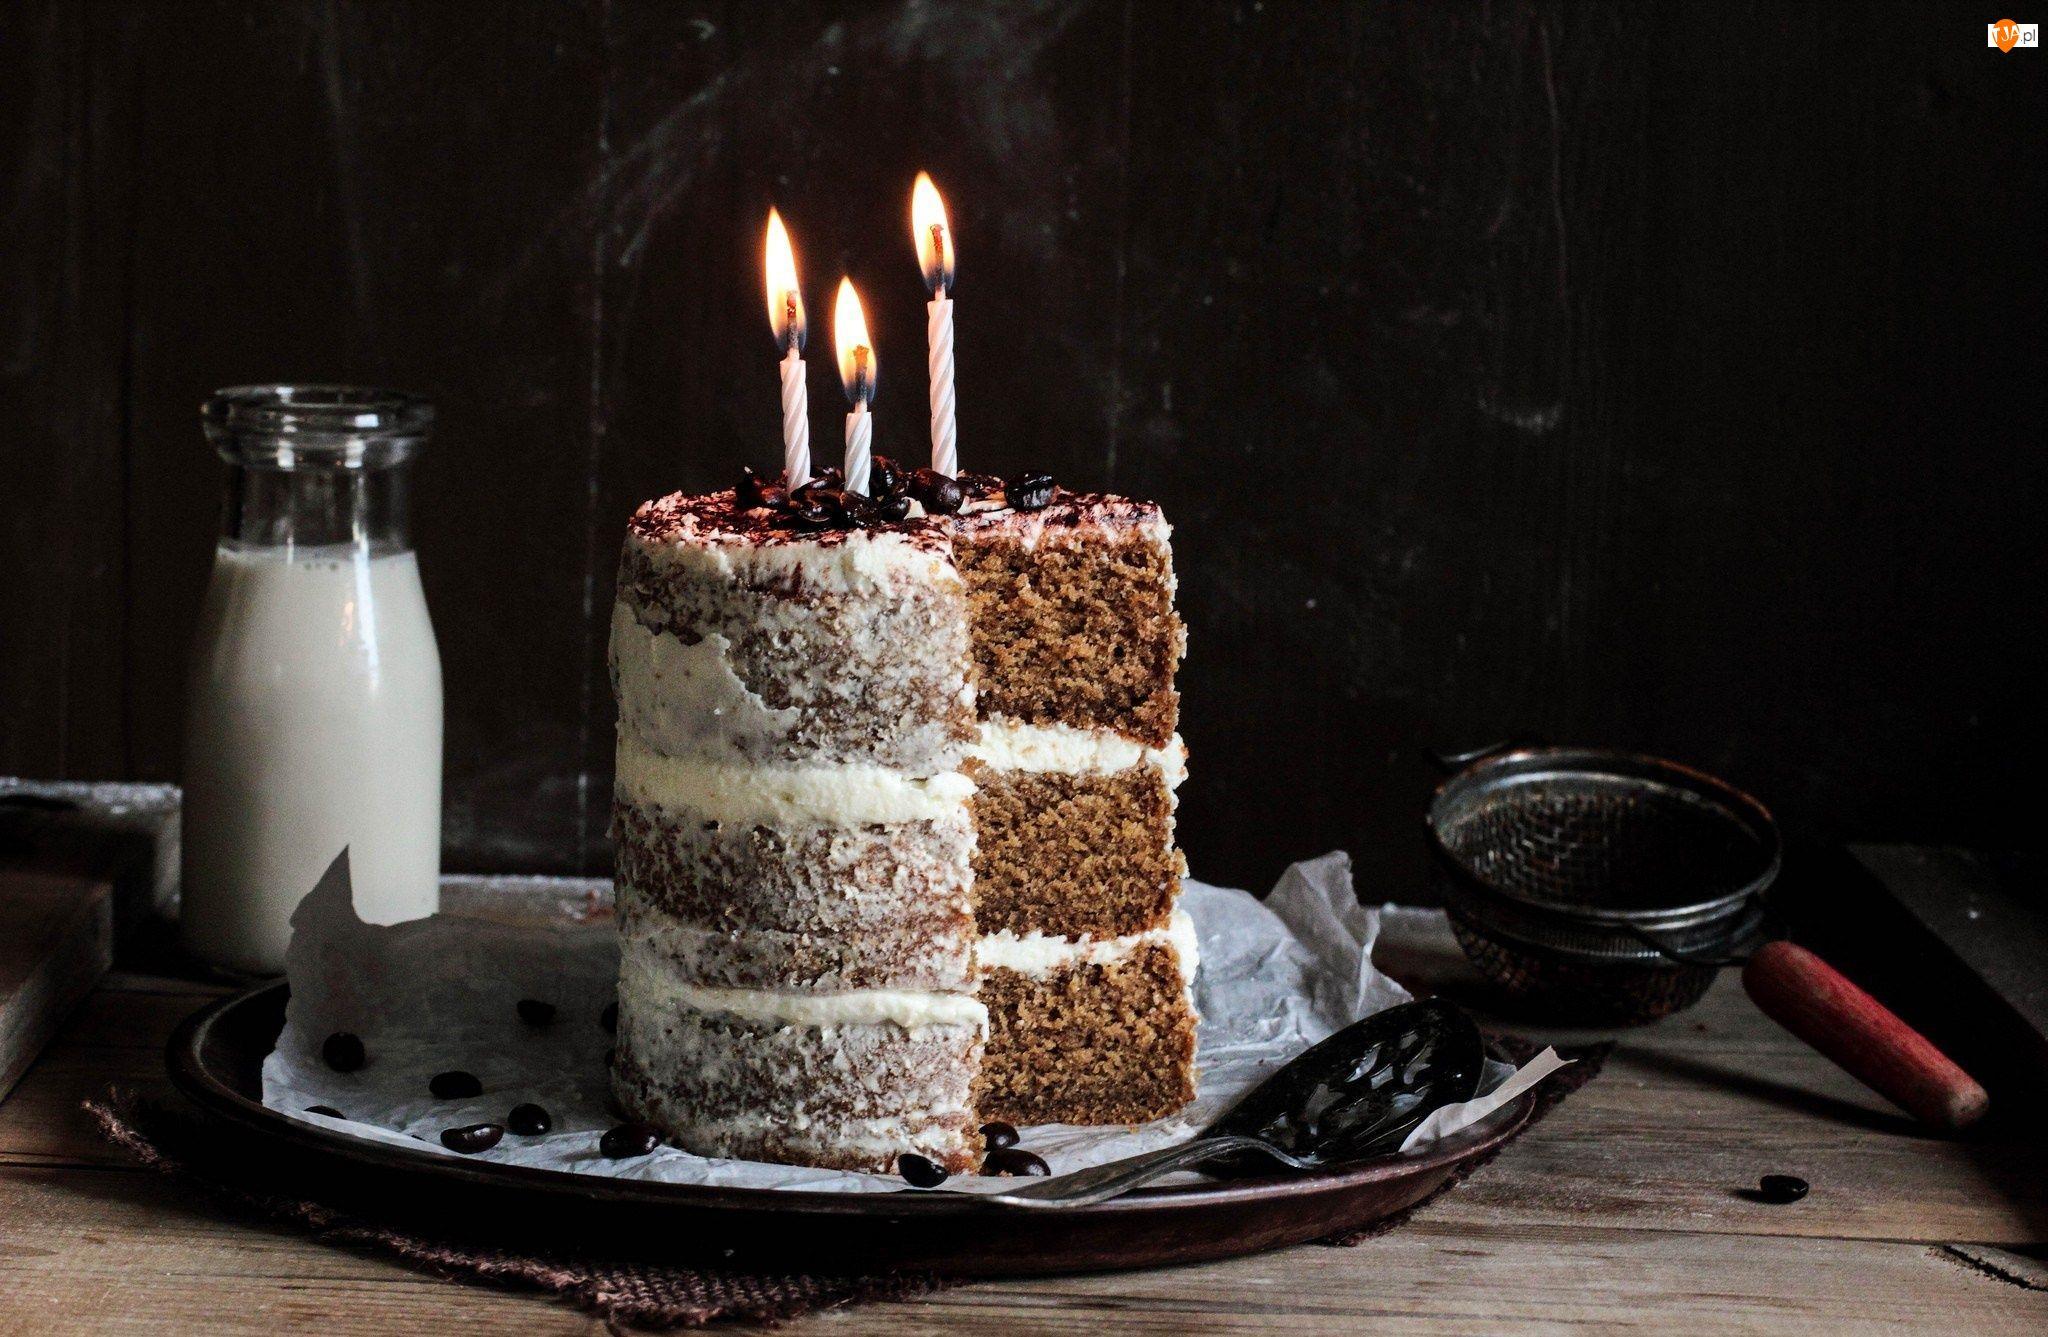 Tort, Urodziny, Trzy, Świeczki